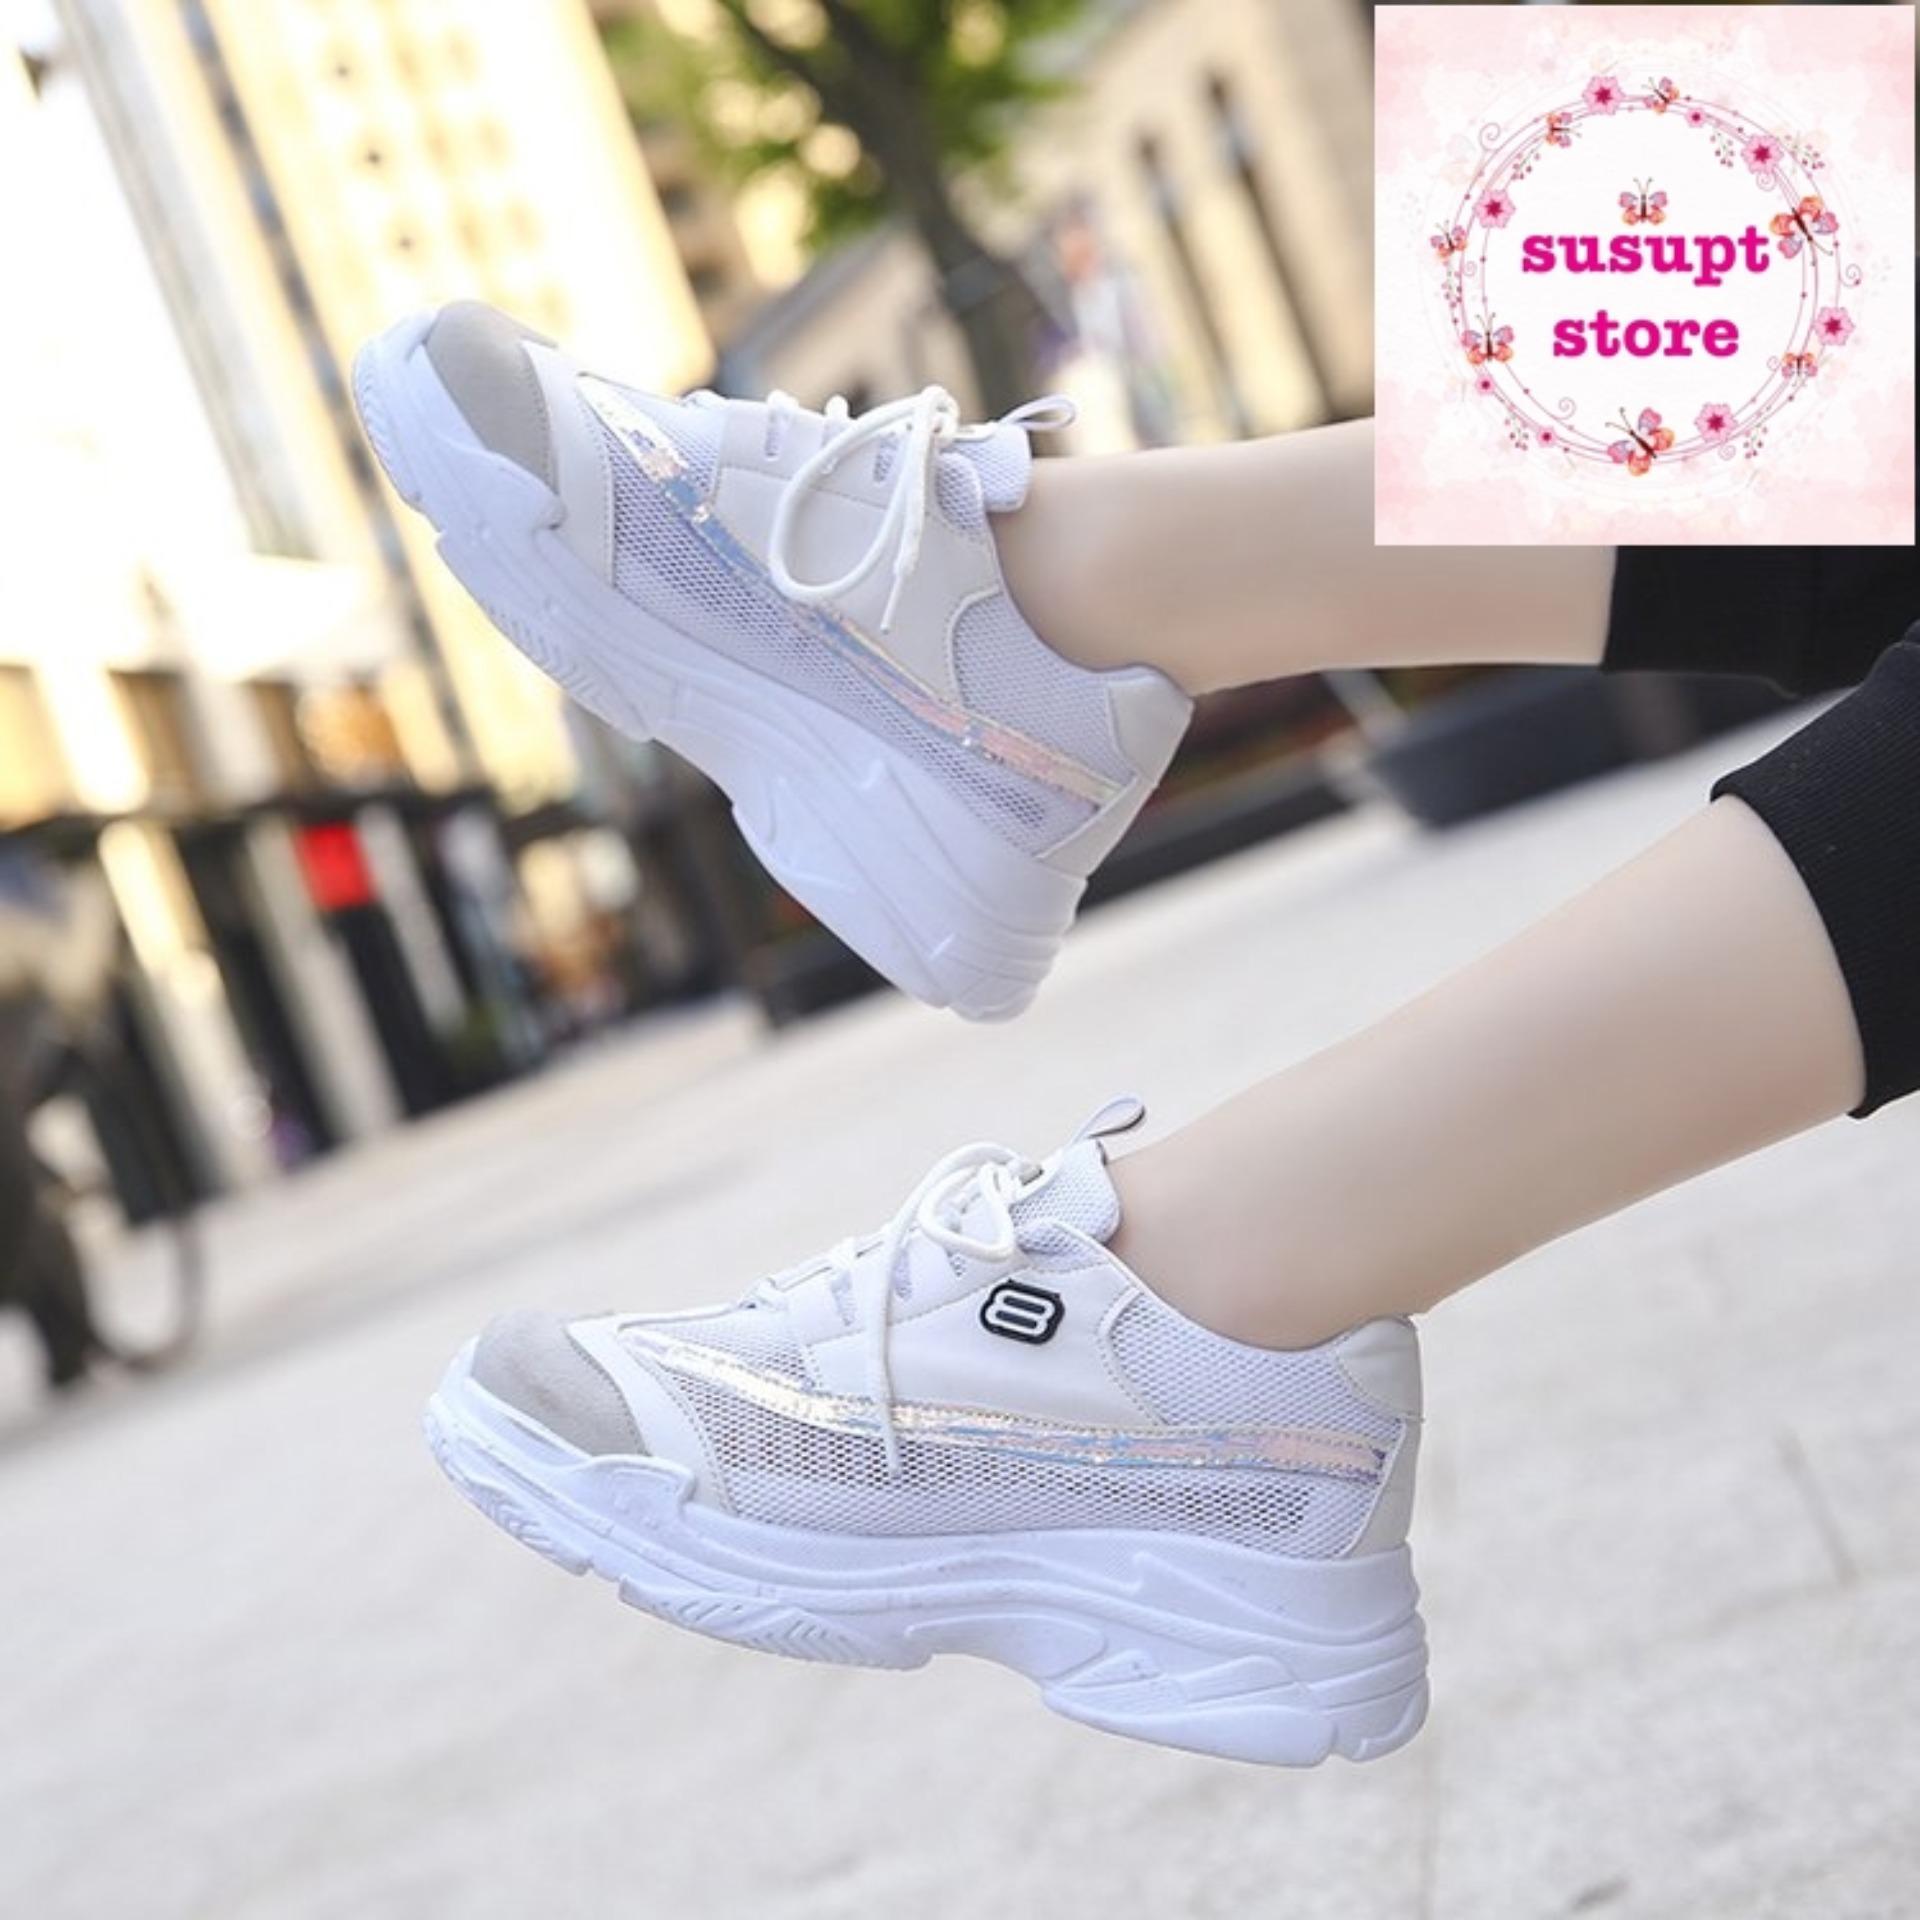 Hình ảnh [susuptstore] giày thể thao đế kép mẫu mới